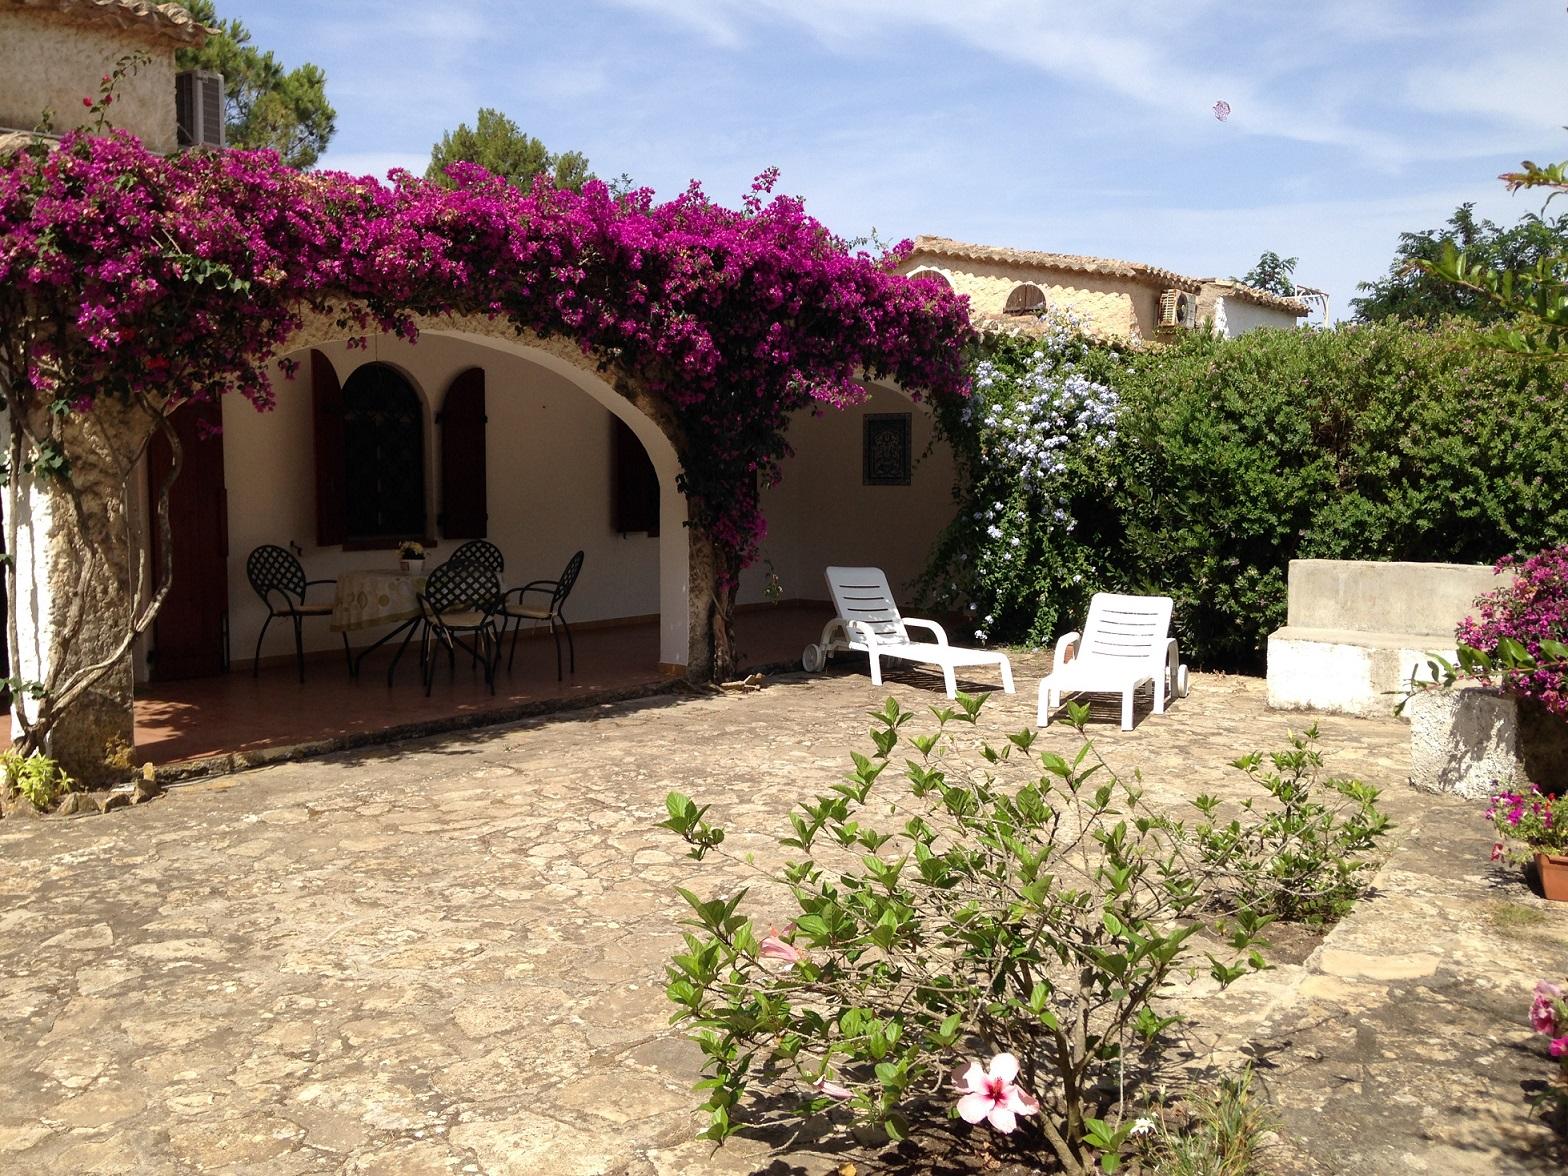 Villa in vendita a Maracalagonis, 5 locali, zona Località: TorredelleStelle, prezzo € 280.000 | CambioCasa.it